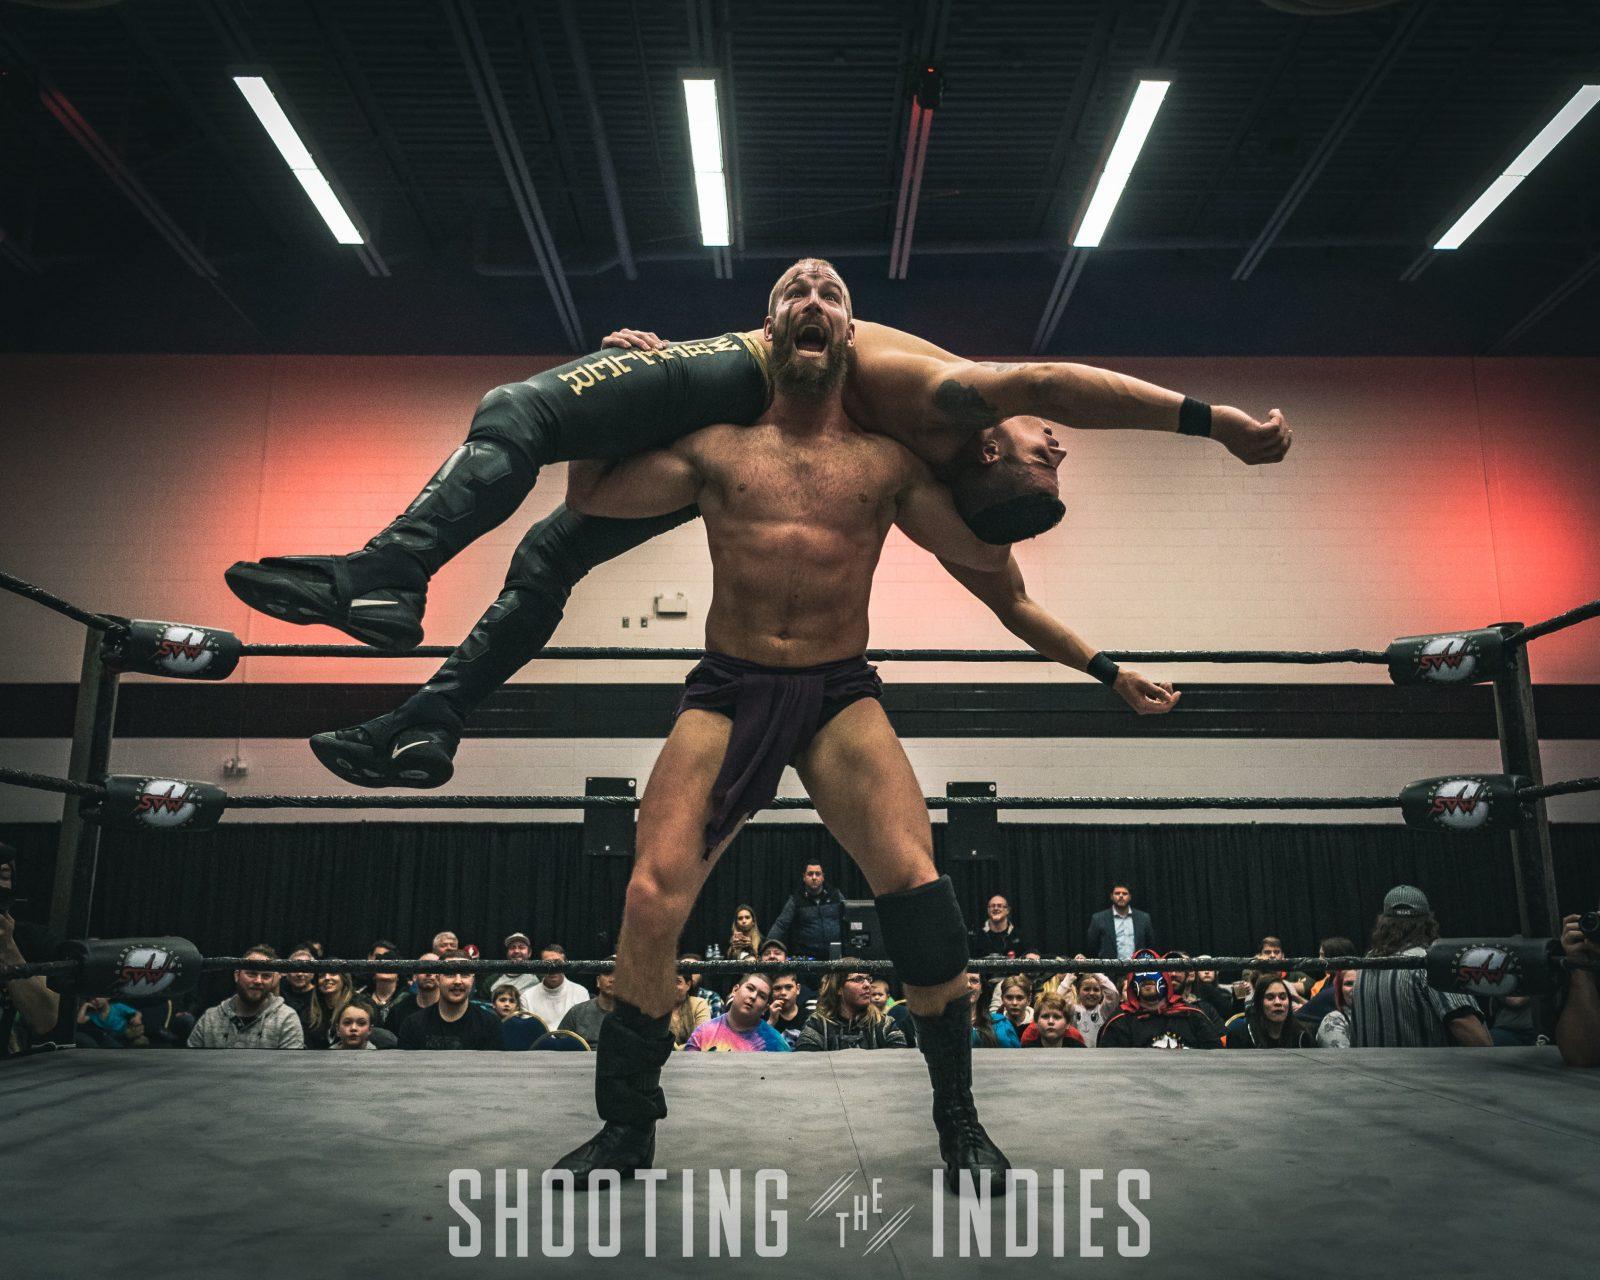 Seaway Valley Wrestling's big showdown coming Oct. 23